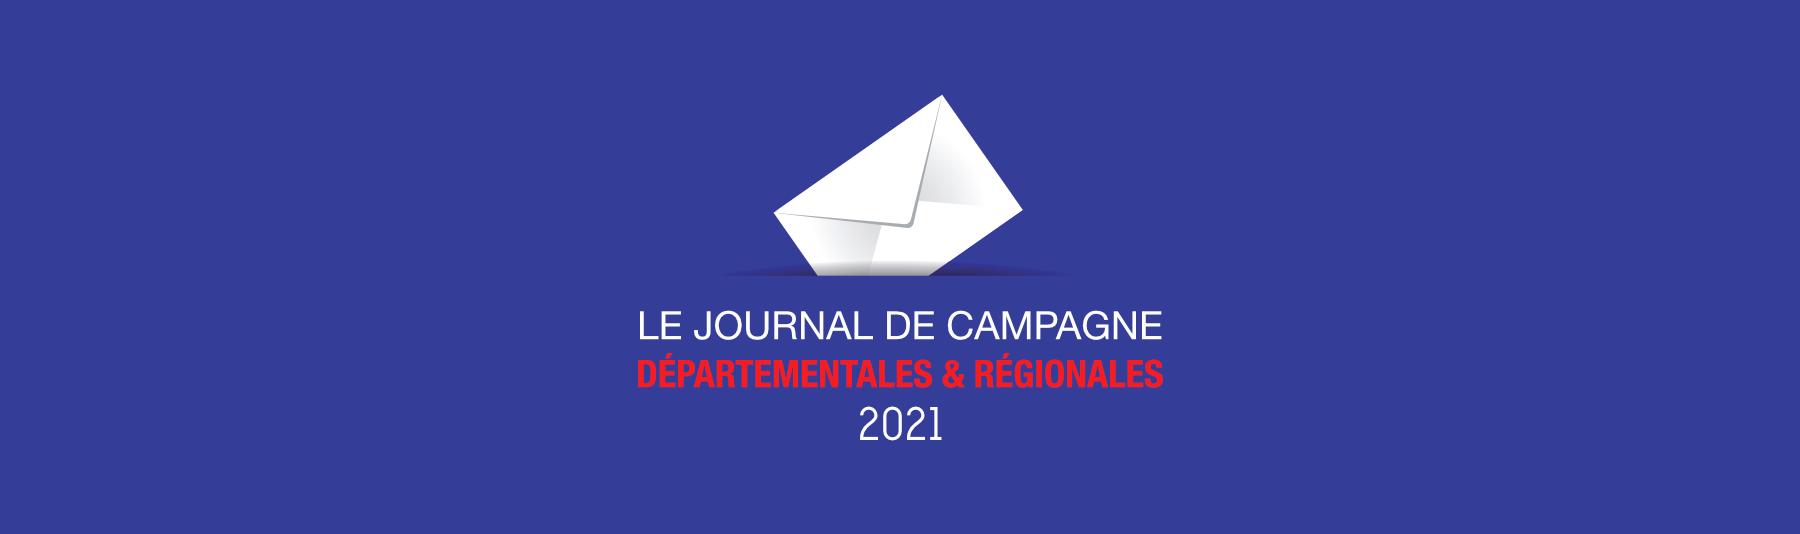 Elections 2021 - Le Journal de Campagne Normandie